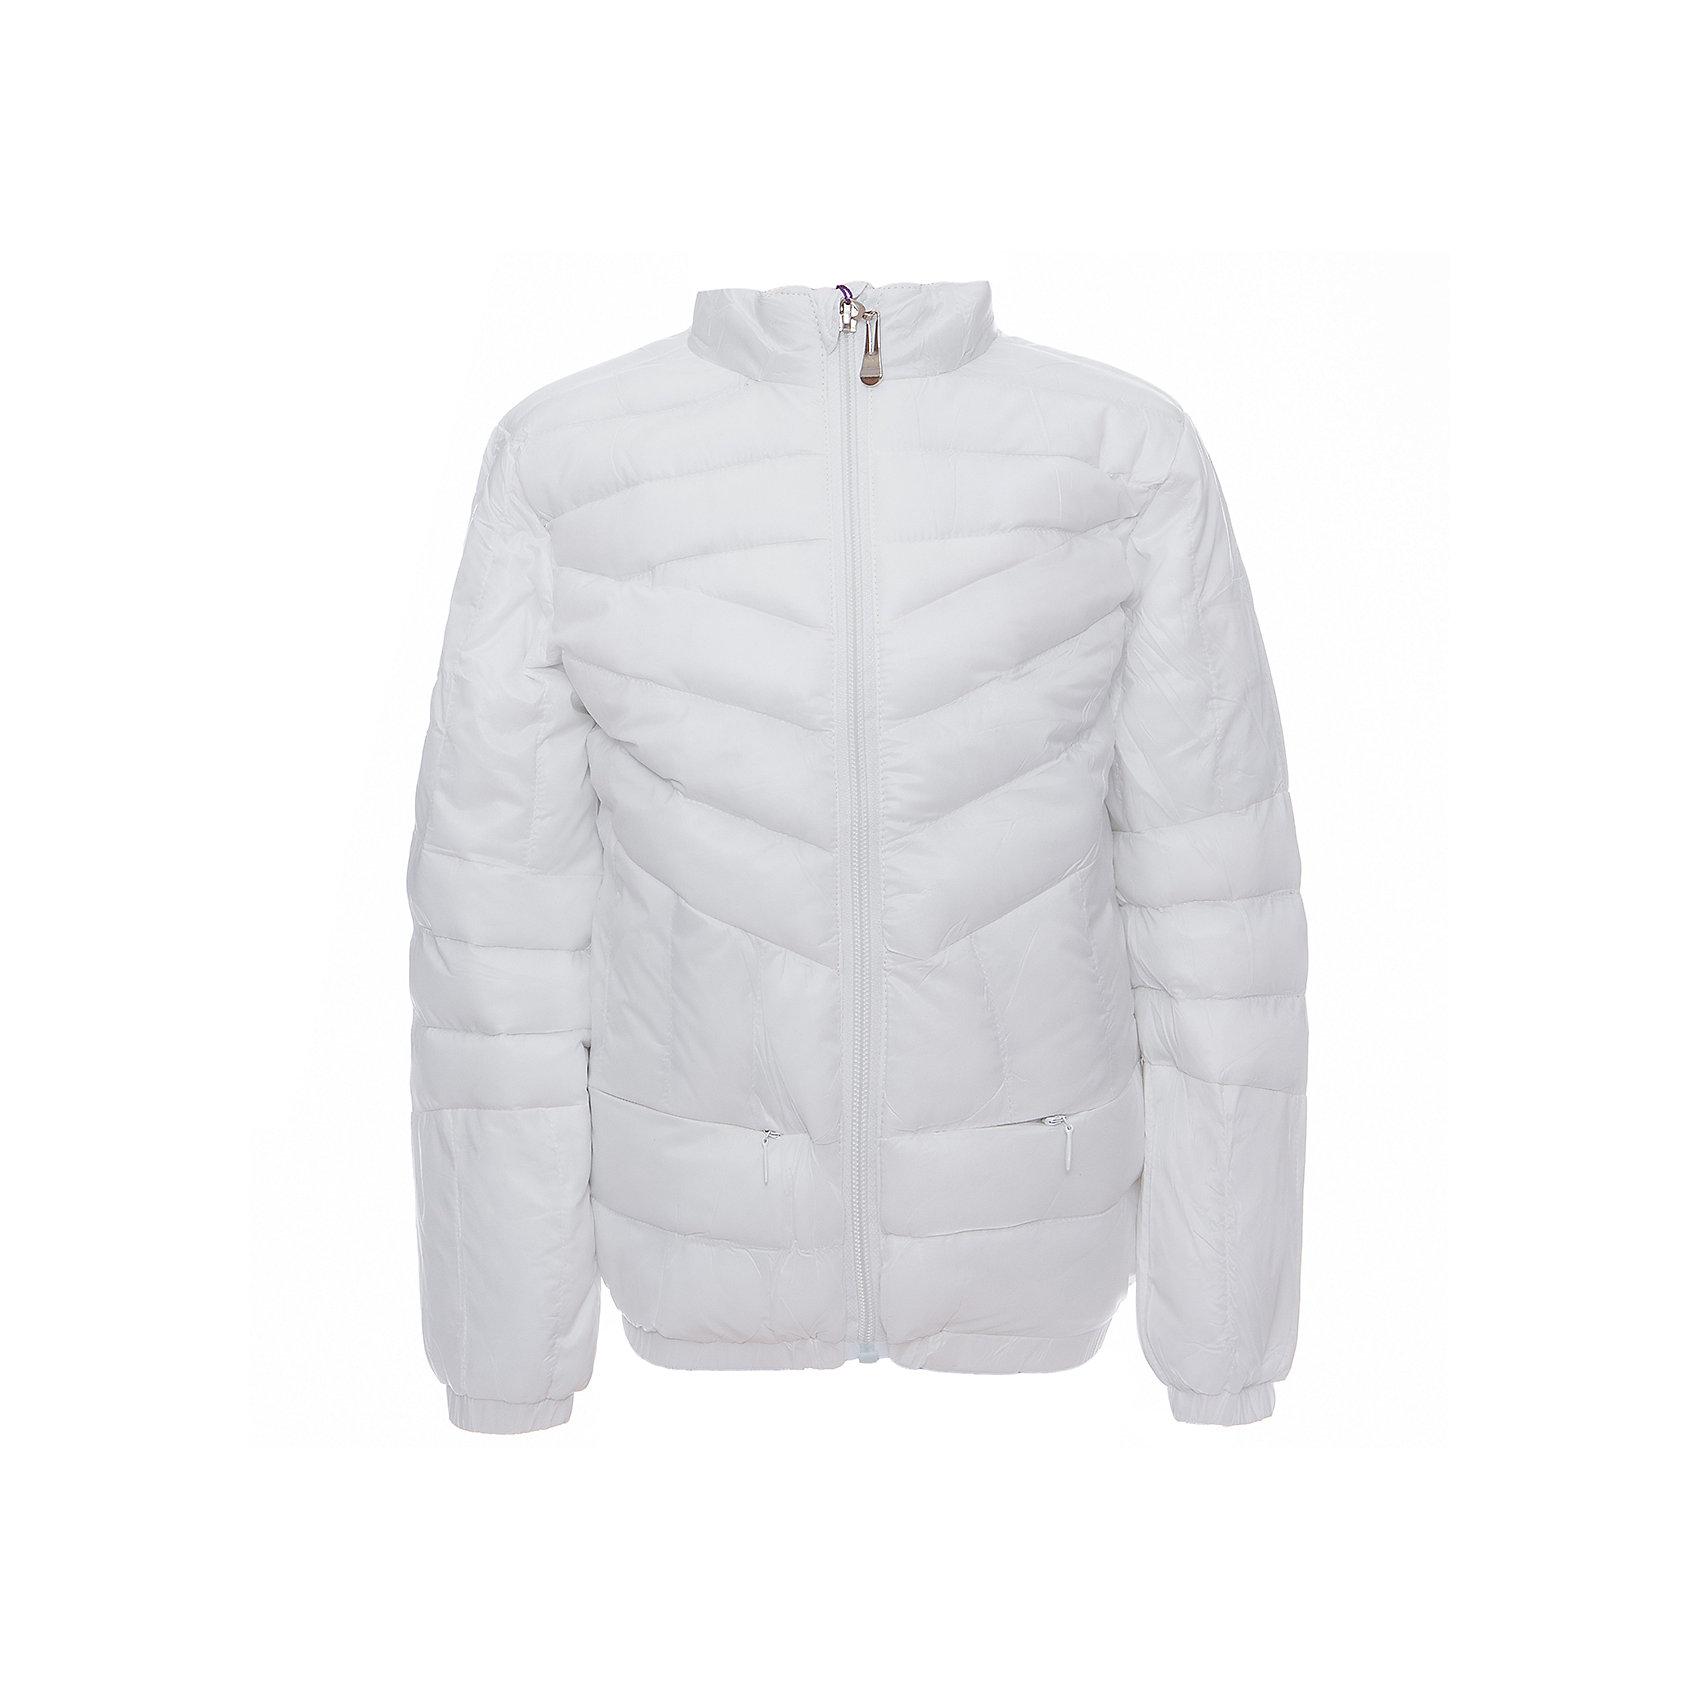 Куртка для девочки Sweet BerryДемисезонные куртки<br>Легкая и удобная стеганая куртка с воротничком-стойкой для девочки. Два прорезных карманы на молнии.<br>Состав:<br>Верх: 100%нейлон.  Подкладка: 100%полиэстер. Наполнитель: 100%полиэстер<br><br>Ширина мм: 356<br>Глубина мм: 10<br>Высота мм: 245<br>Вес г: 519<br>Цвет: белый<br>Возраст от месяцев: 72<br>Возраст до месяцев: 84<br>Пол: Женский<br>Возраст: Детский<br>Размер: 122,128,104,98,110,116<br>SKU: 5411870